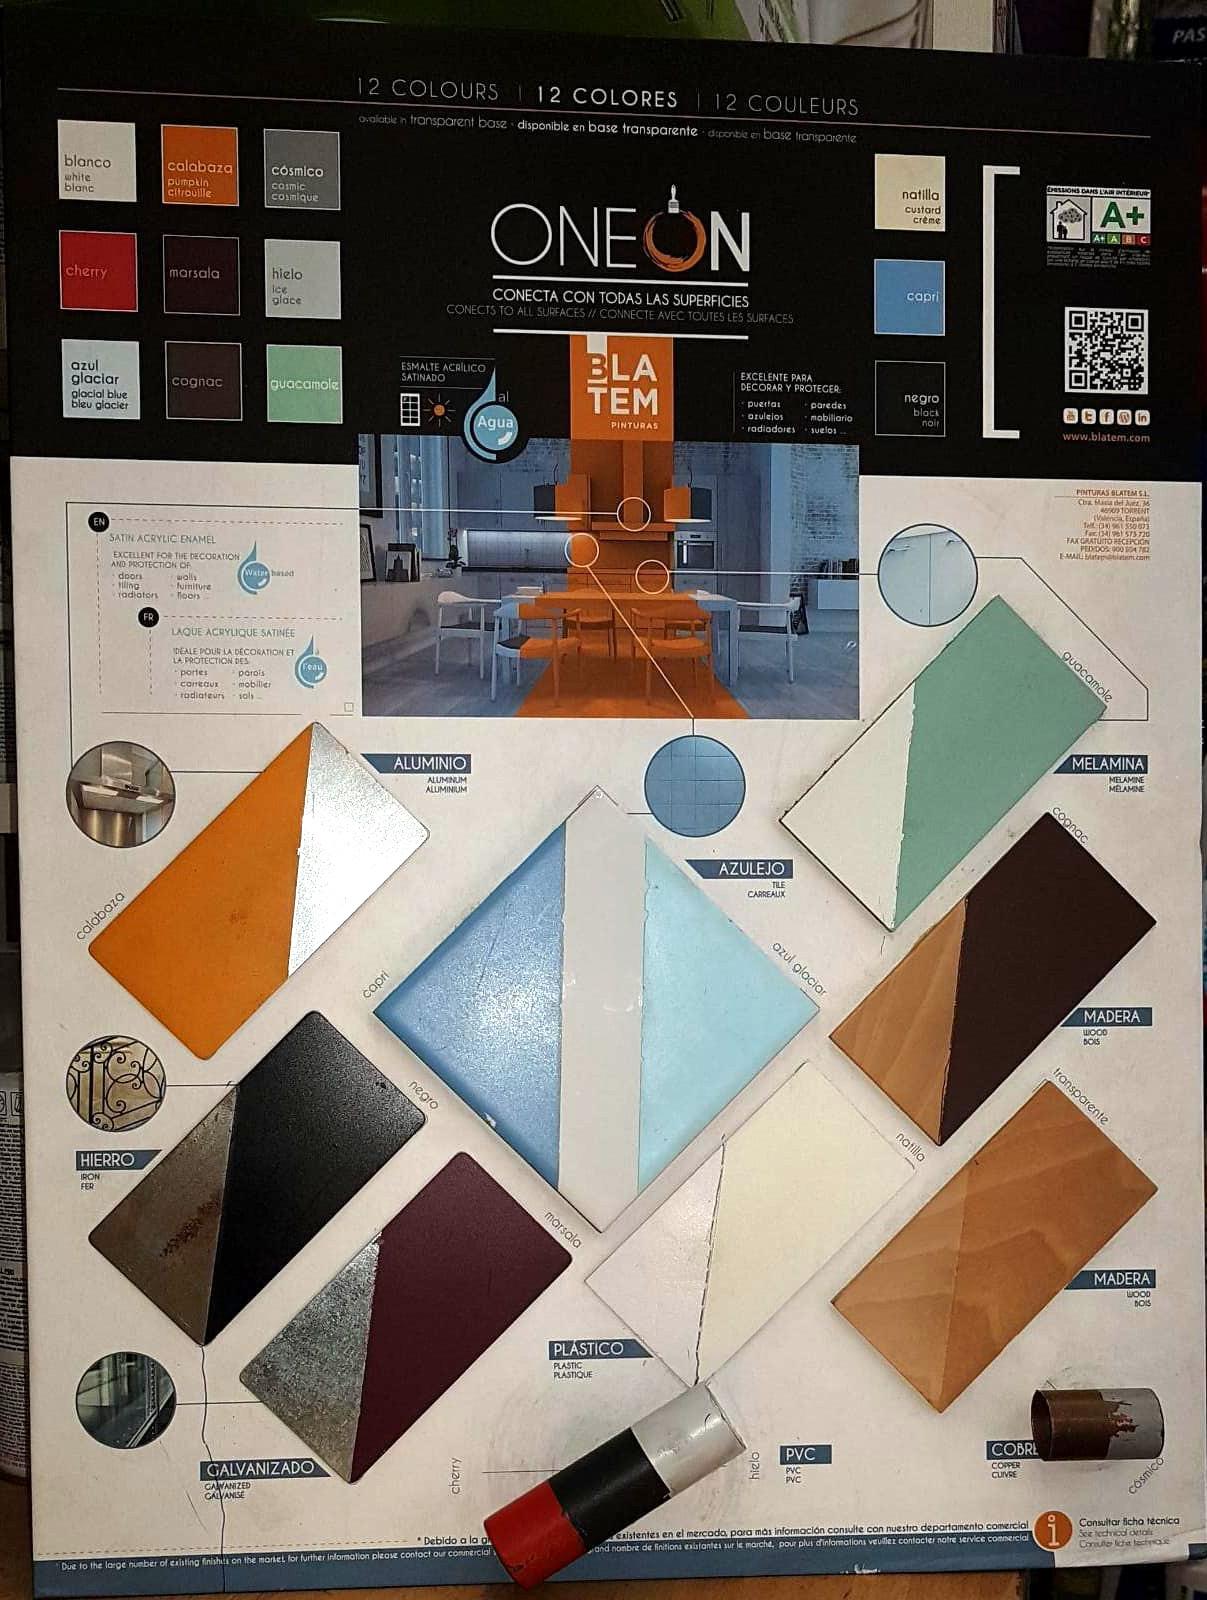 Cartas de colores ncs ral pantone pintura barata online - Pintura barata online ...